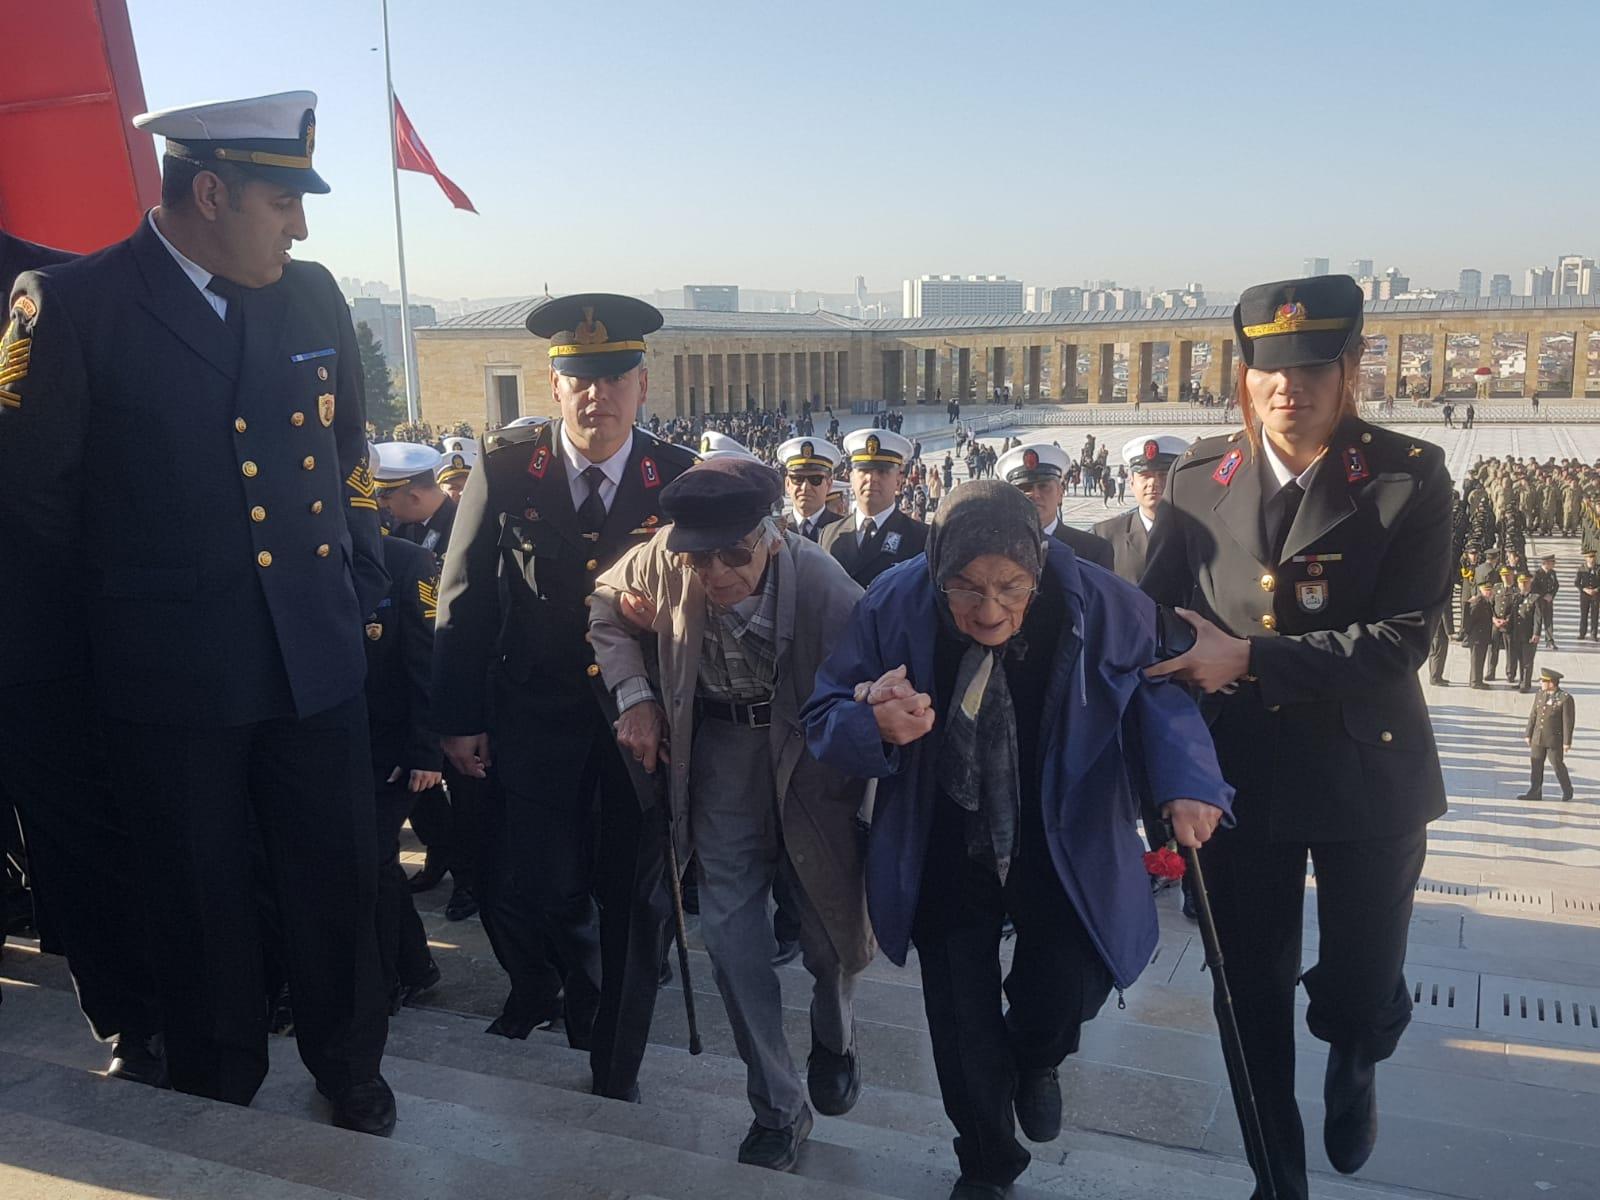 Türkiye'nin dört bir yanından Anıtkabir'e gelen vatandaşlar, derin bir üzüntü yaşadıklarını; ancak Atatürk'ün huzurunda olmaktan da mutluluk duyduklarını söyledi. Anıtkabir, 10 Kasım nedeniyle saat 22.00'ye kadar ziyaretçilere açık.